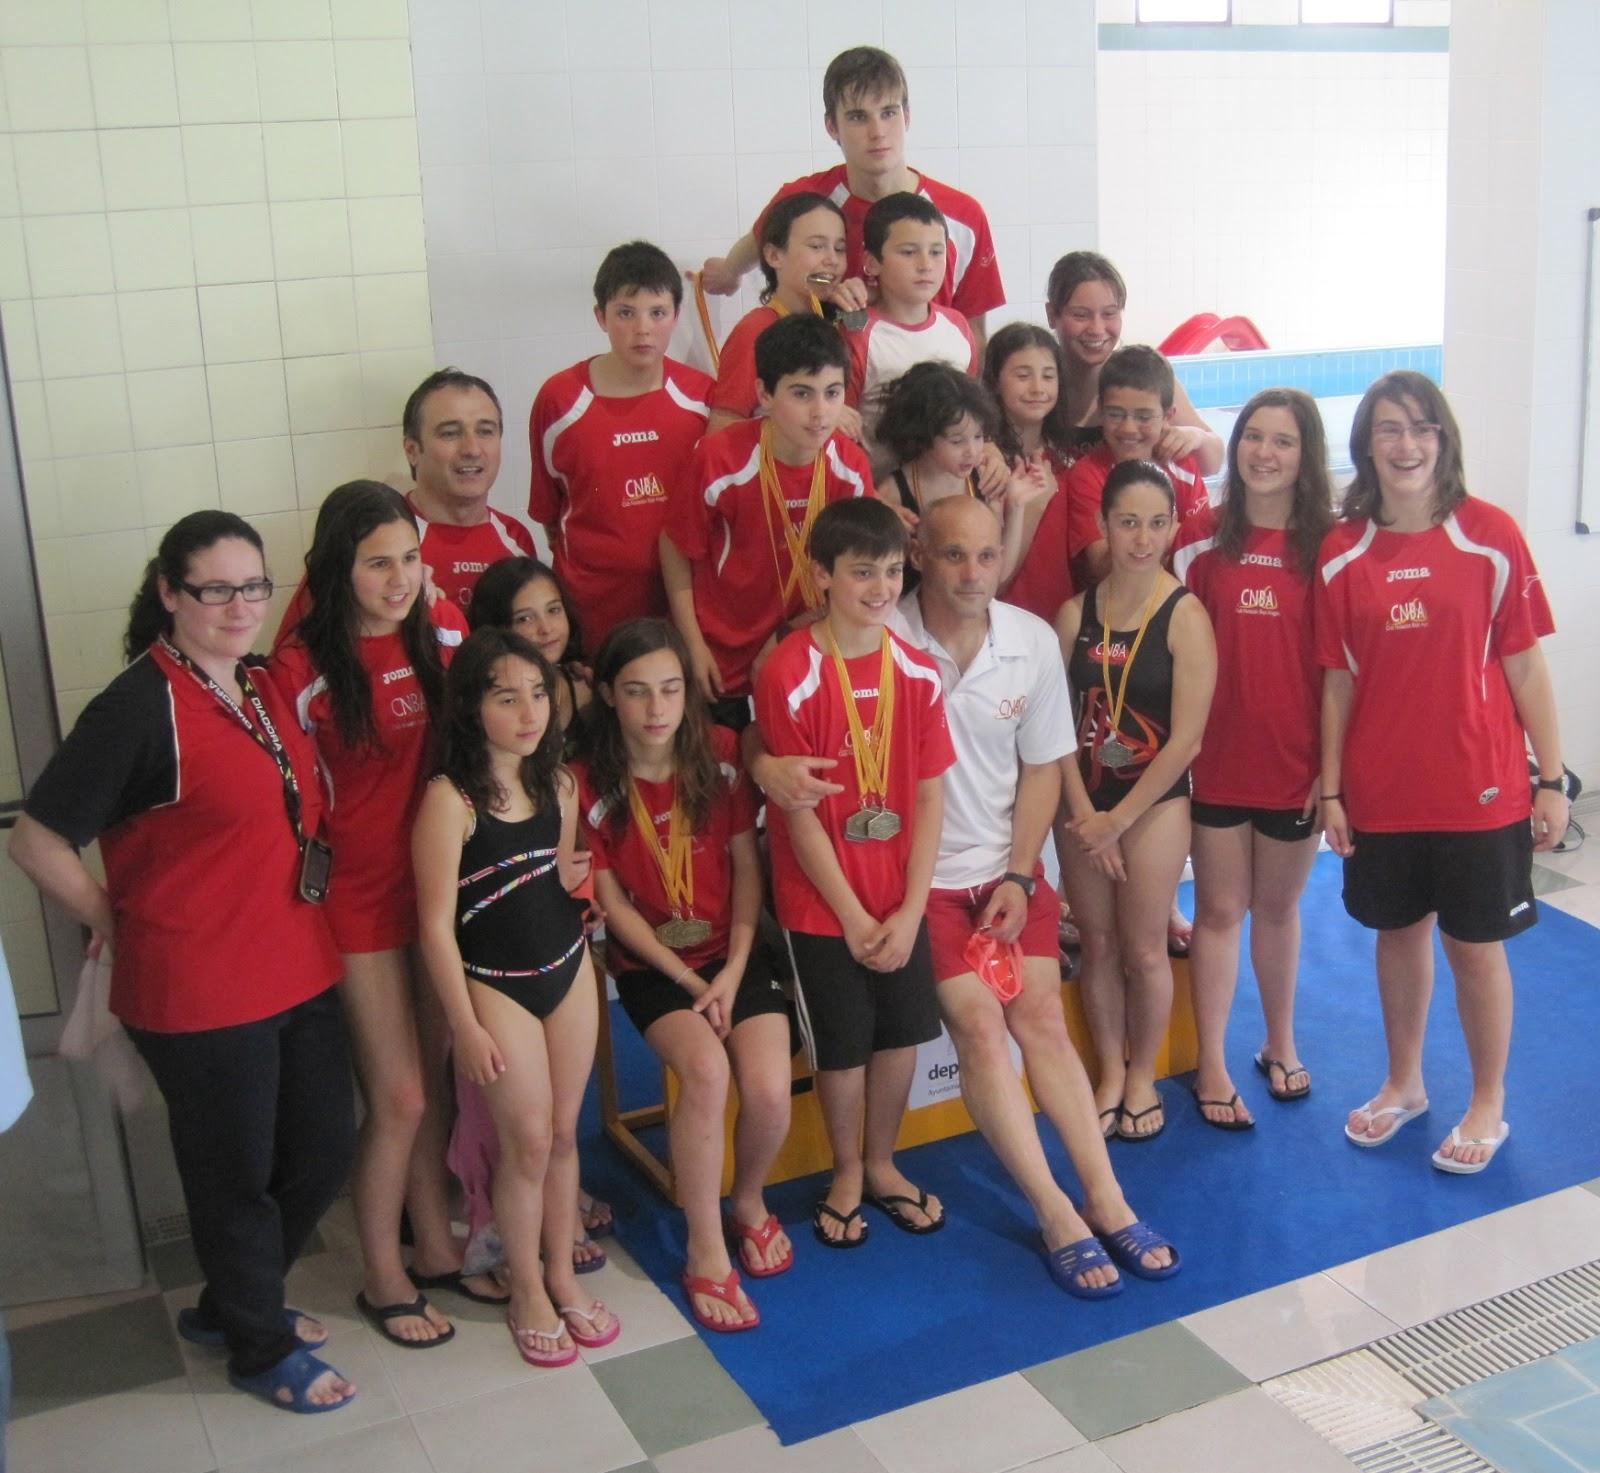 Club nataci n bajo arag n resultados final jj ee de for Piscina climatizada teruel